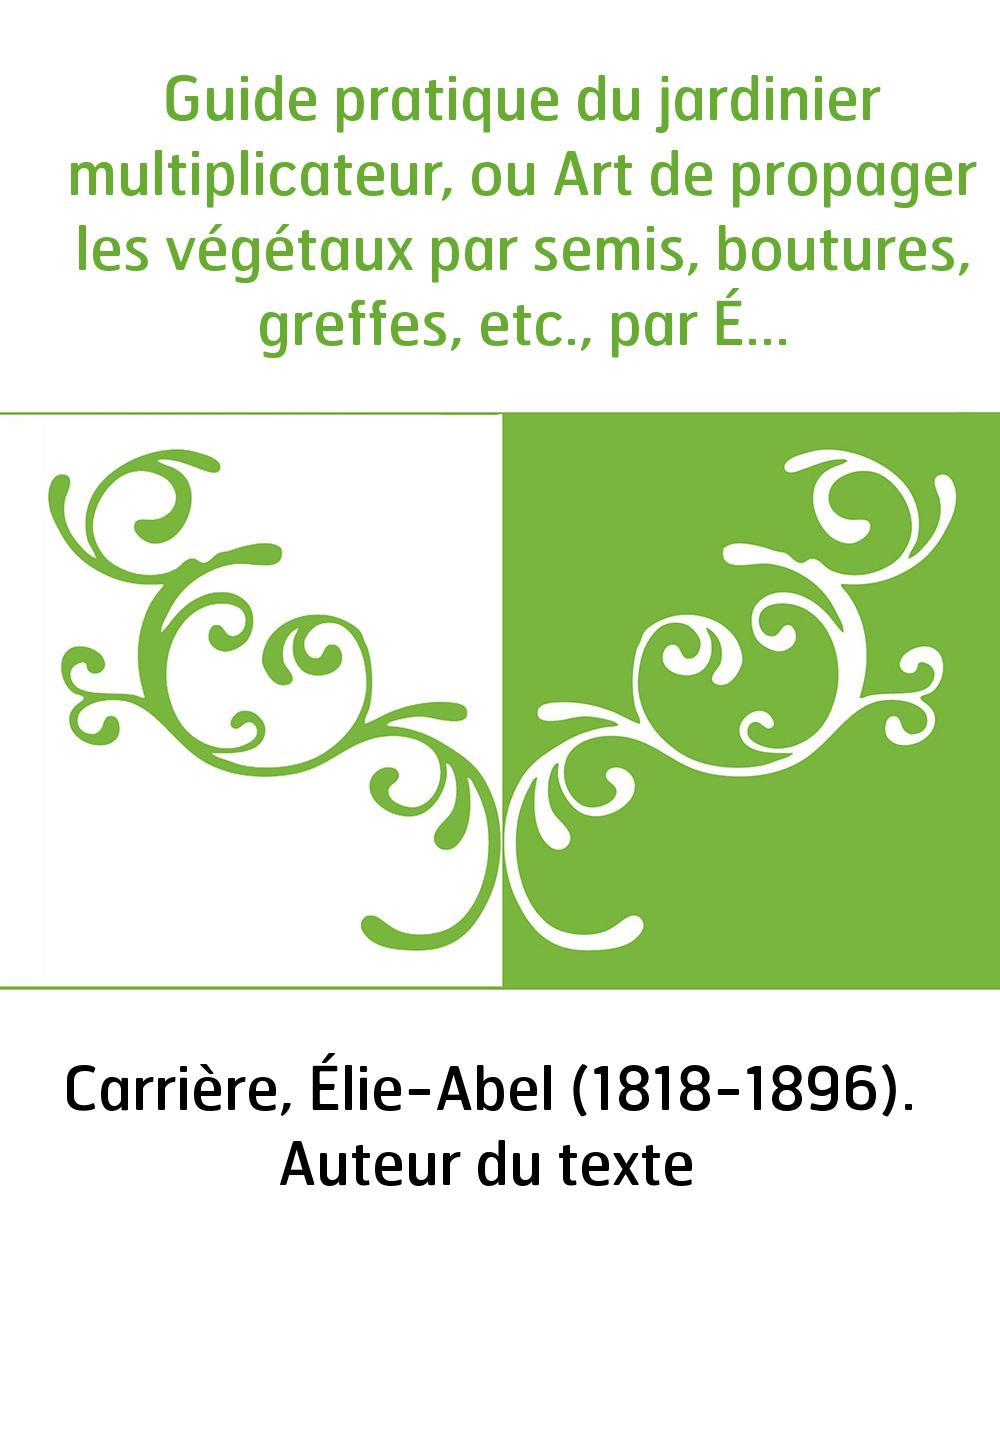 Guide pratique du jardinier multiplicateur, ou Art de propager les végétaux par semis, boutures, greffes, etc., par É.-A. Carriè